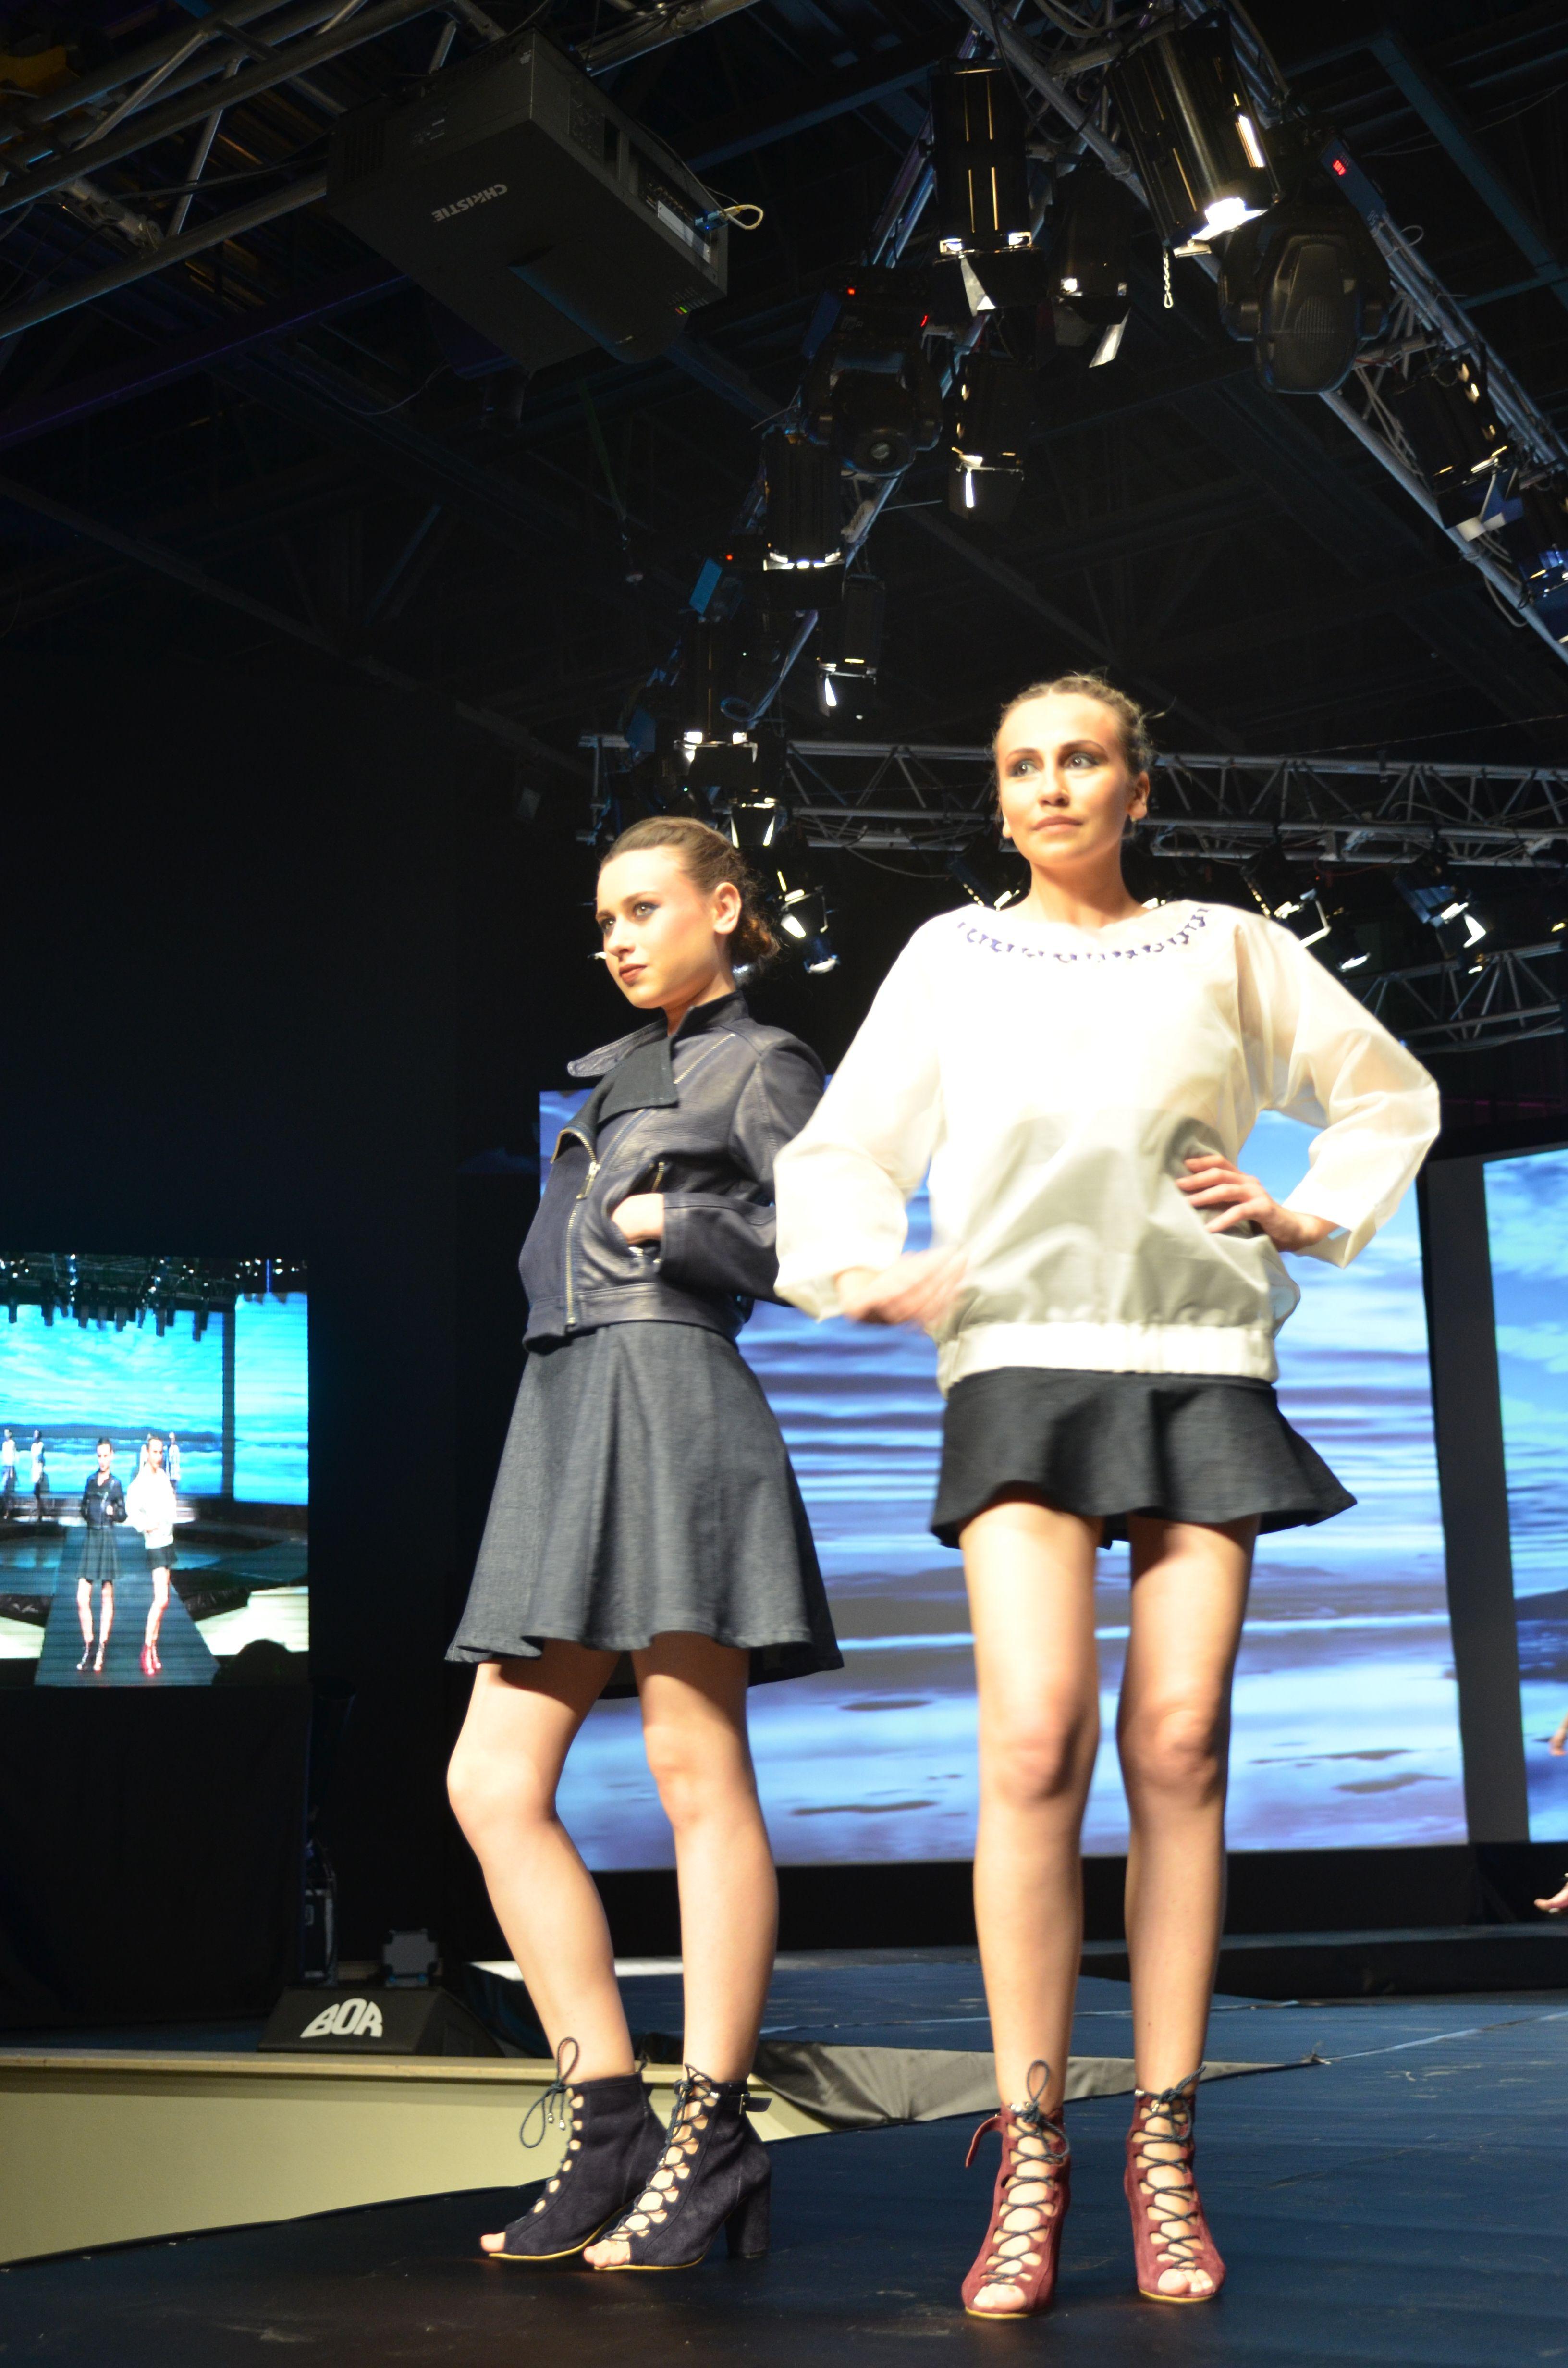 İzmir University of Economics Graduation Fashion Show - Aydan Sıvacı